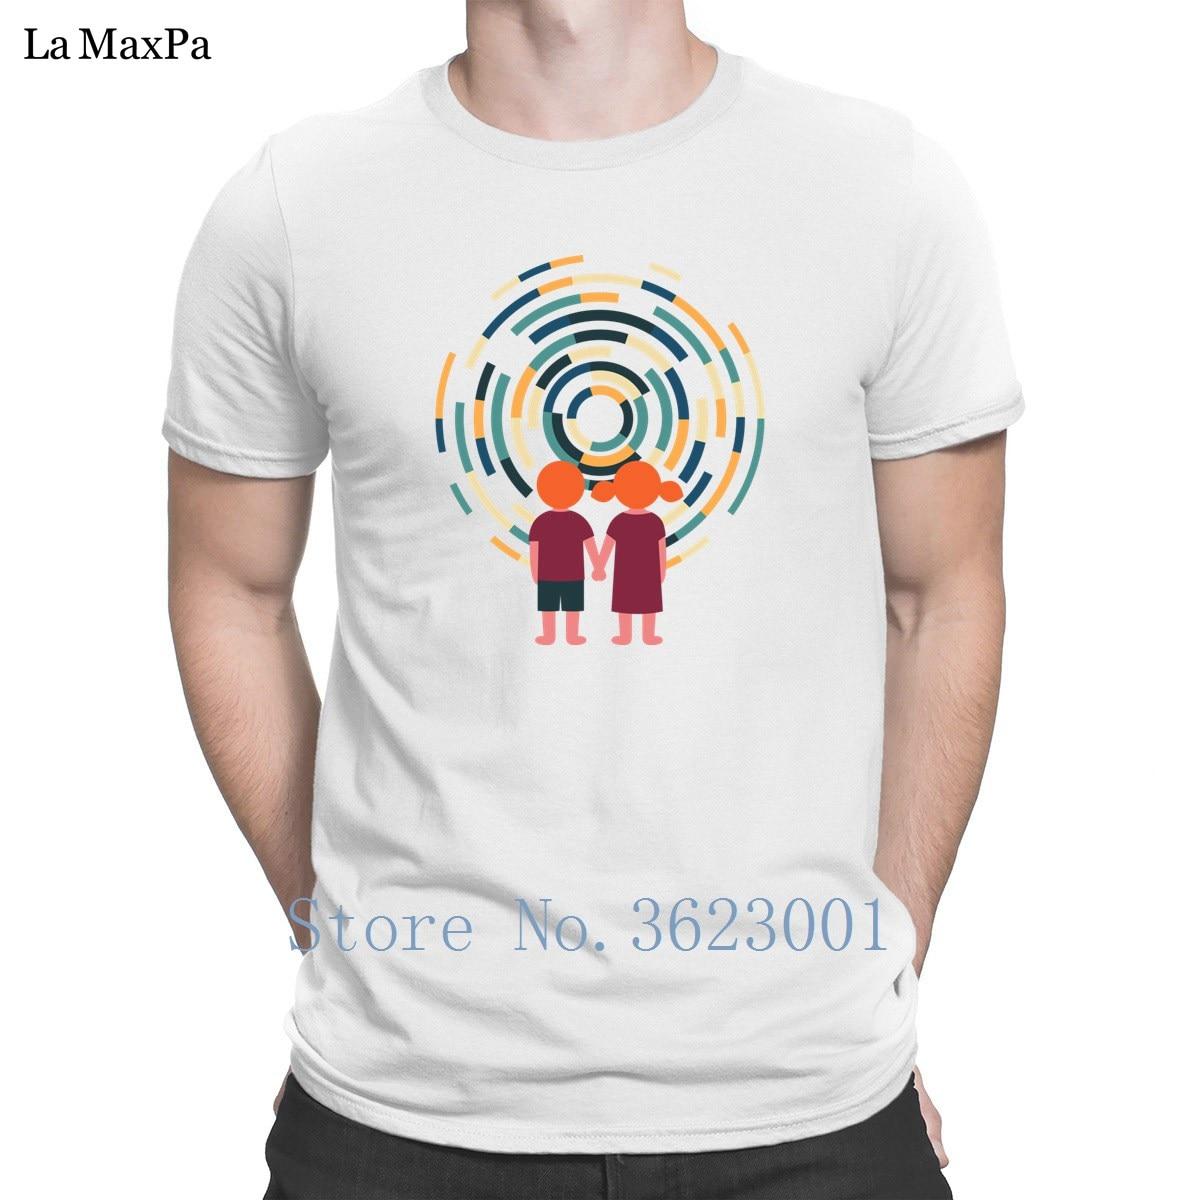 Печати Последние футболка для Для мужчин s время путешествия футболка веб-сайтов одноцветное Для мужчин s футболка для Для мужчин для отдыха...